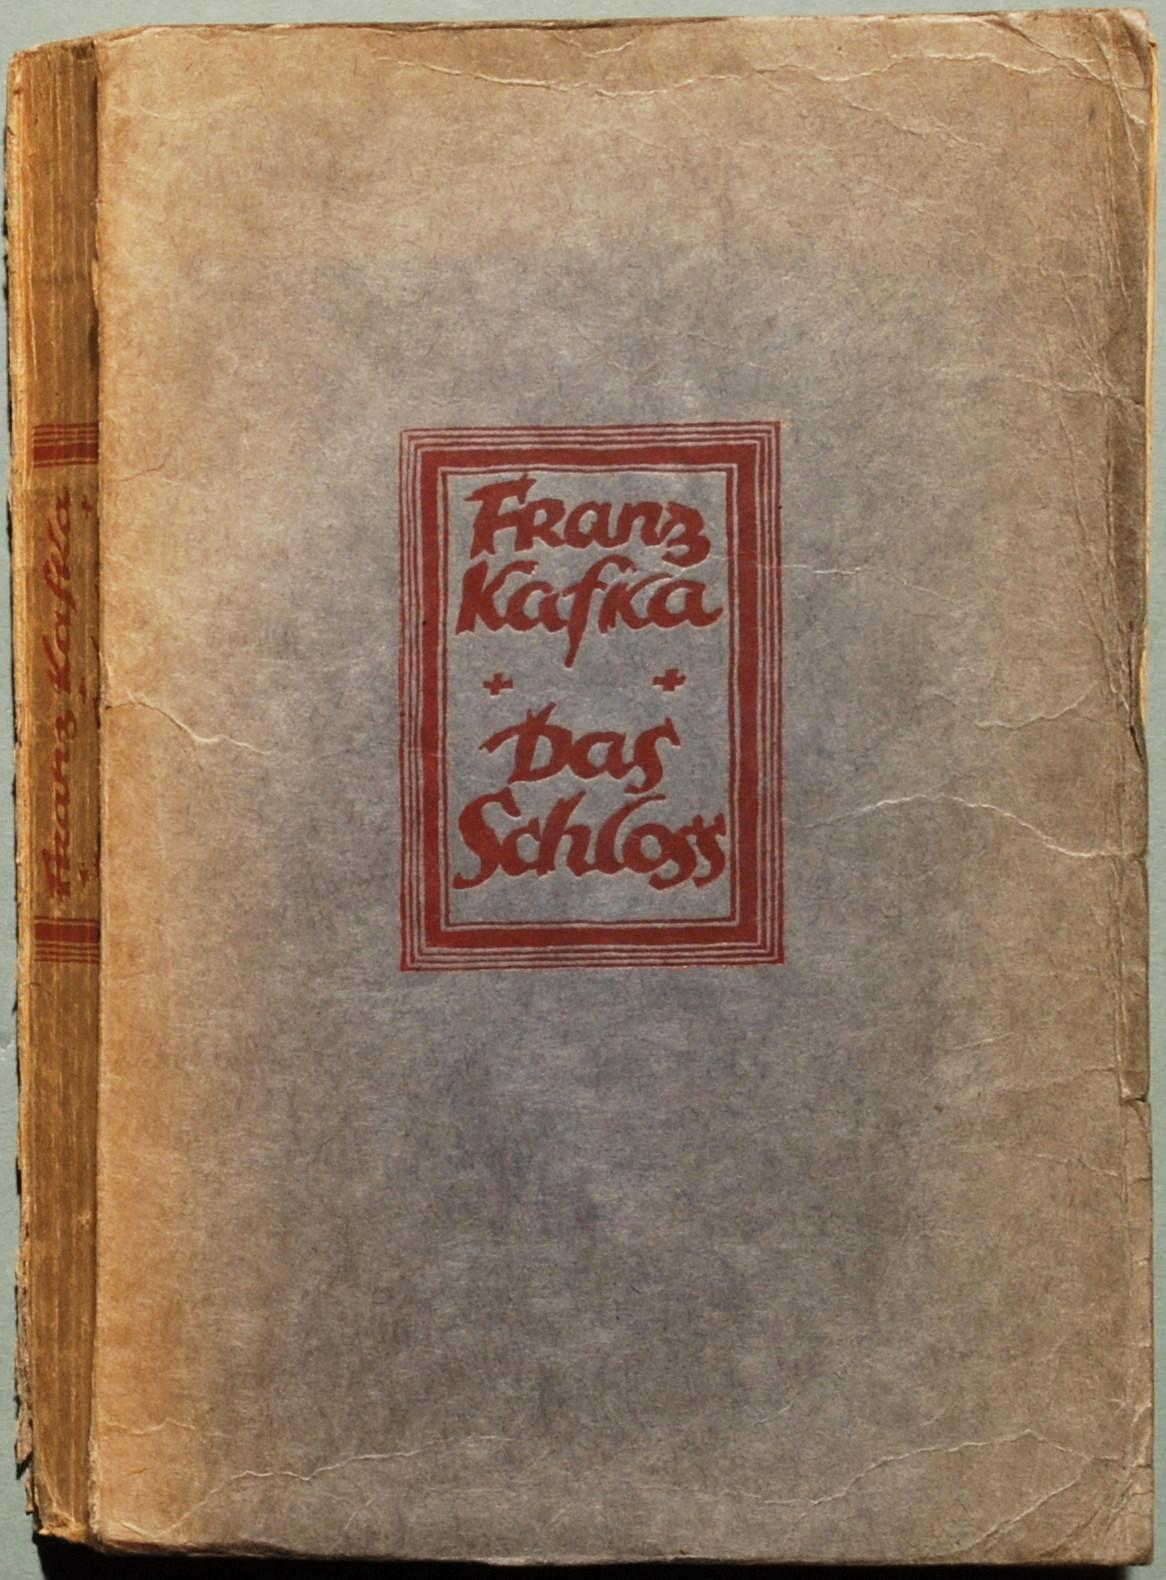 Первое издание романа (1926)